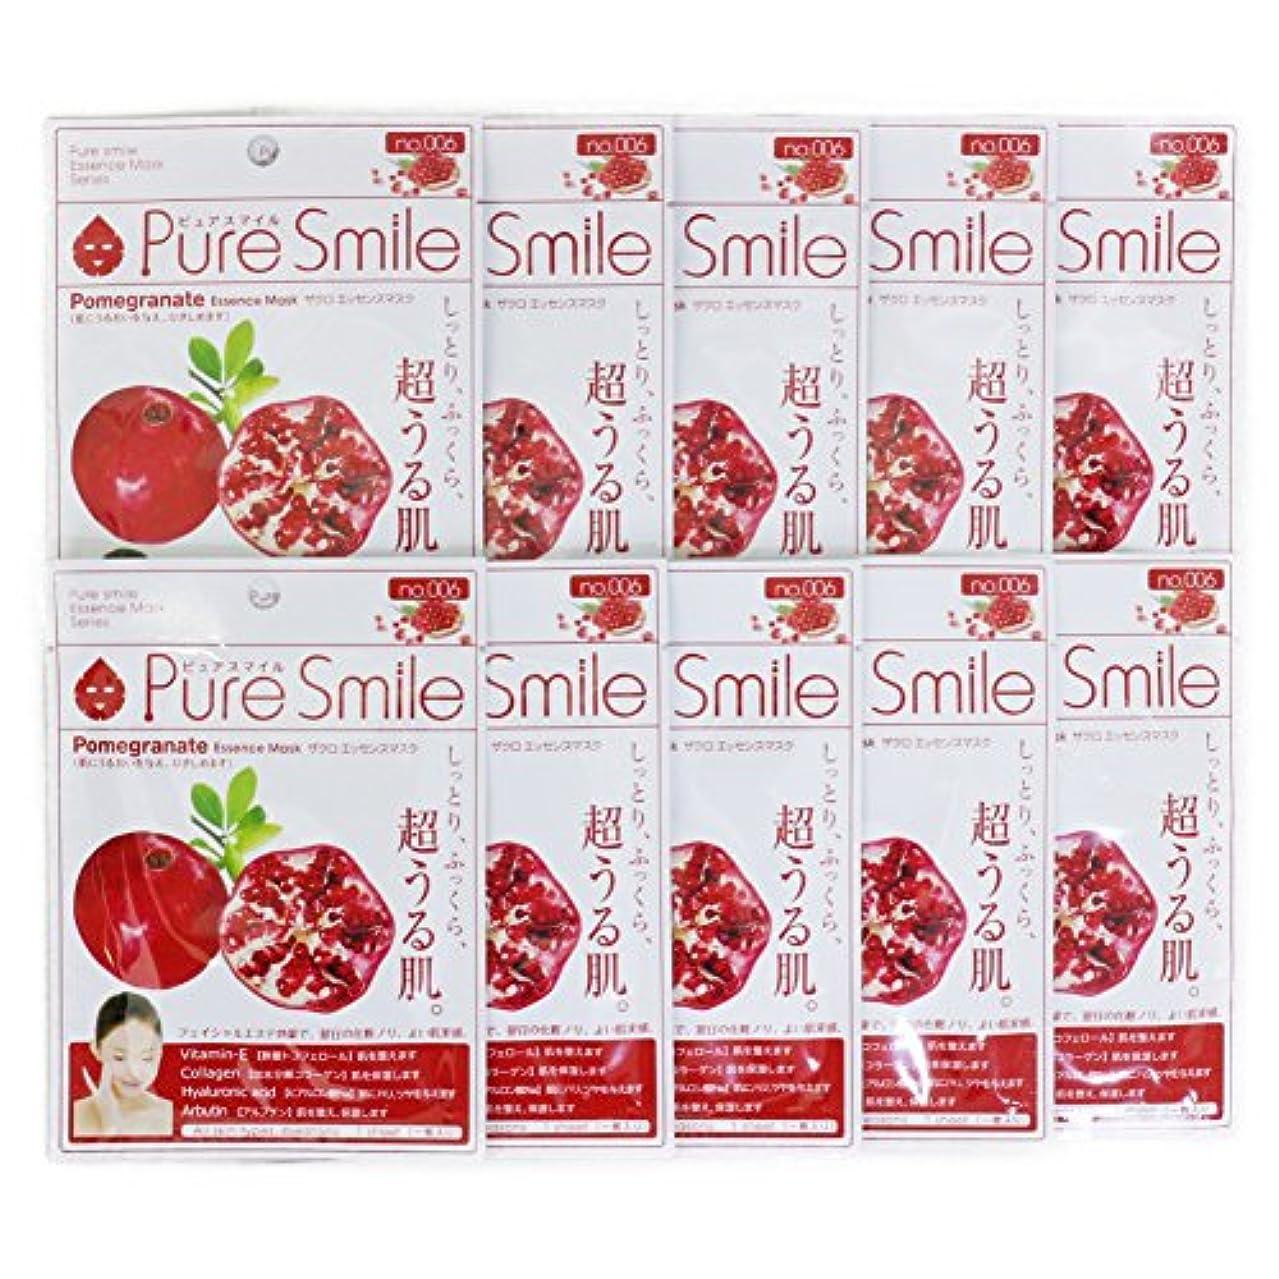 キリスト教水平開発Pure Smile ピュアスマイル エッセンスマスク ザクロ 10枚セット